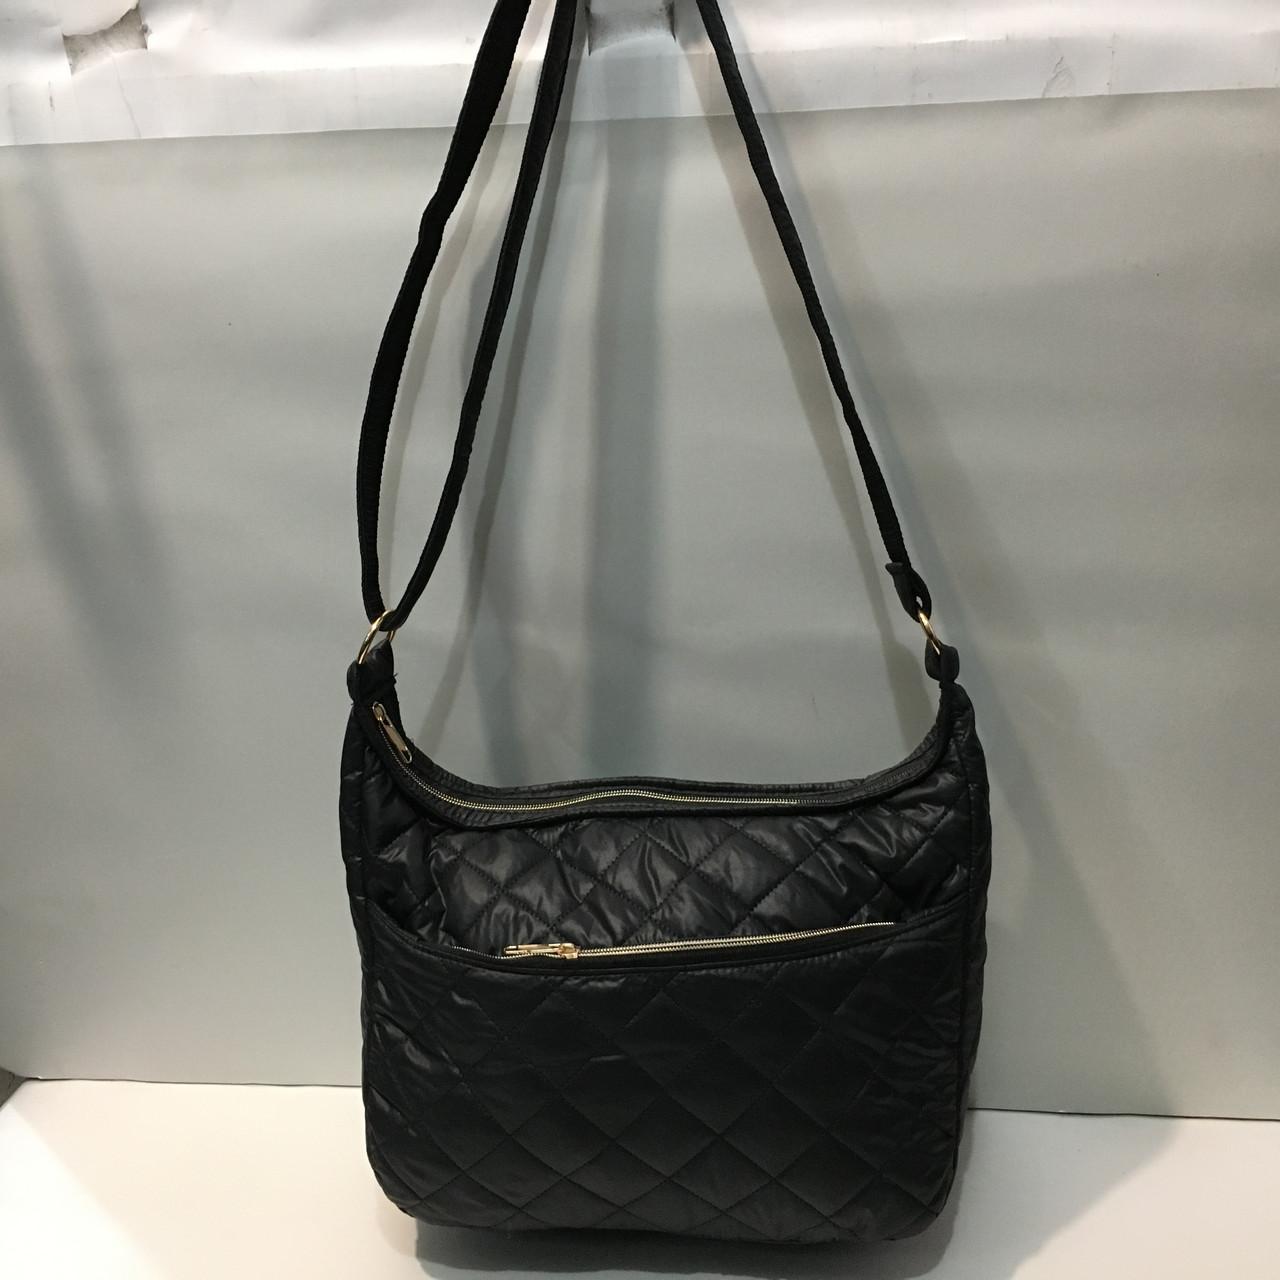 7f5bb4b3c5cc Стильная стеганая болоньевая сумка. Модная женская сумка. Удобная,  вместительная сумка оптом. 90 грн